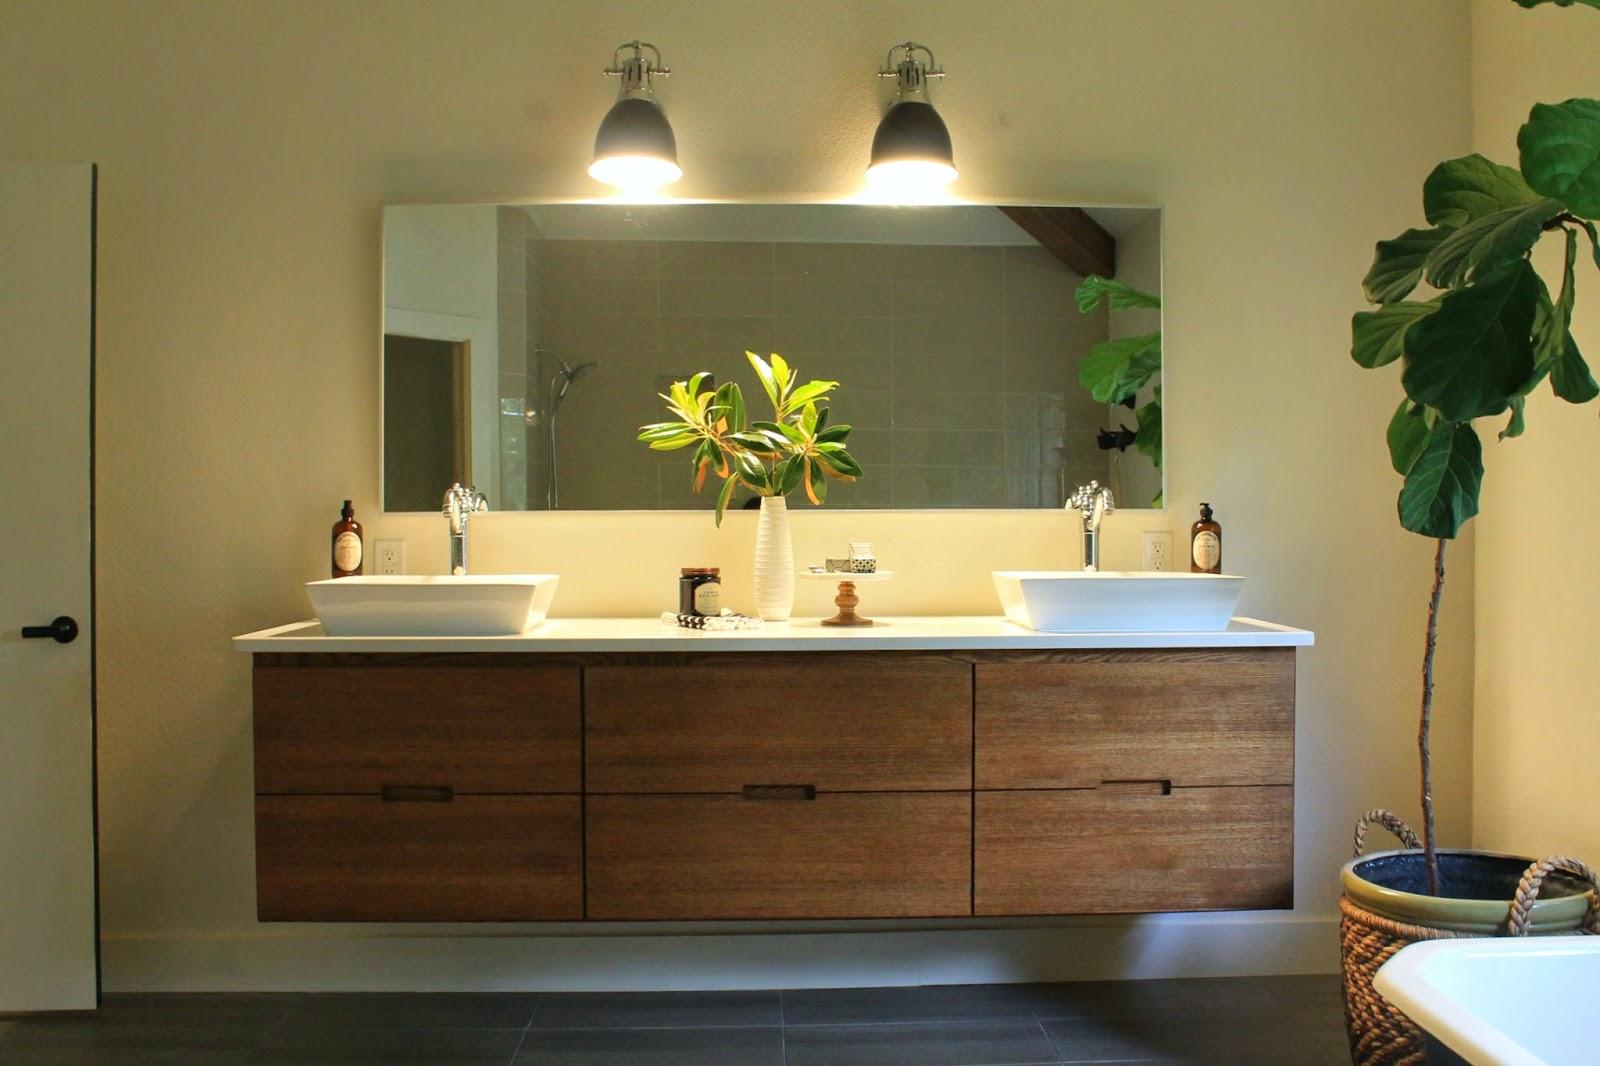 Ikea mirror bathroom